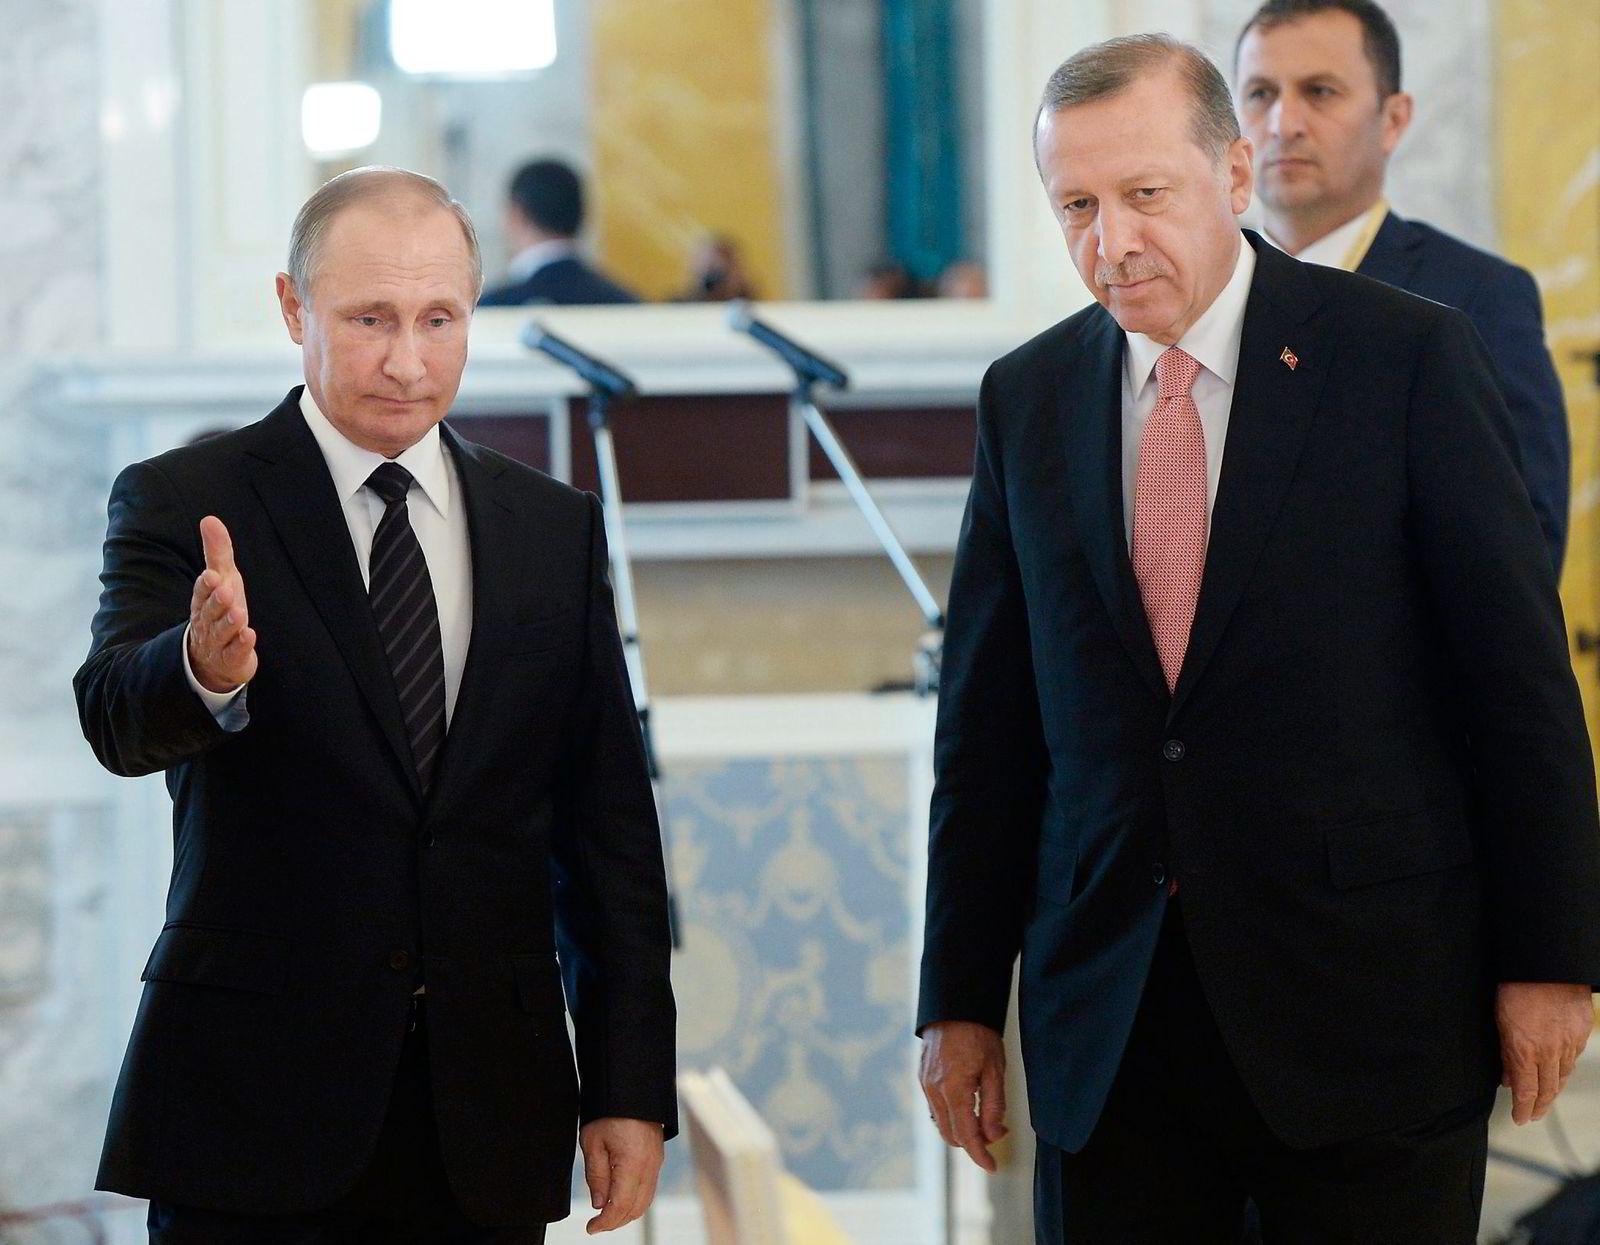 Statslederne i Tyrkia og Russland, Recep Tayyip Erdogan og Vladimir Putin, møttes tirsdag for første gang siden Tyrkia skjøt ned et russisk kampfly ved grensen mellom Tyrkia og Syria ifjor. Foto: Alexei Nikolsky/NTB Scnapix